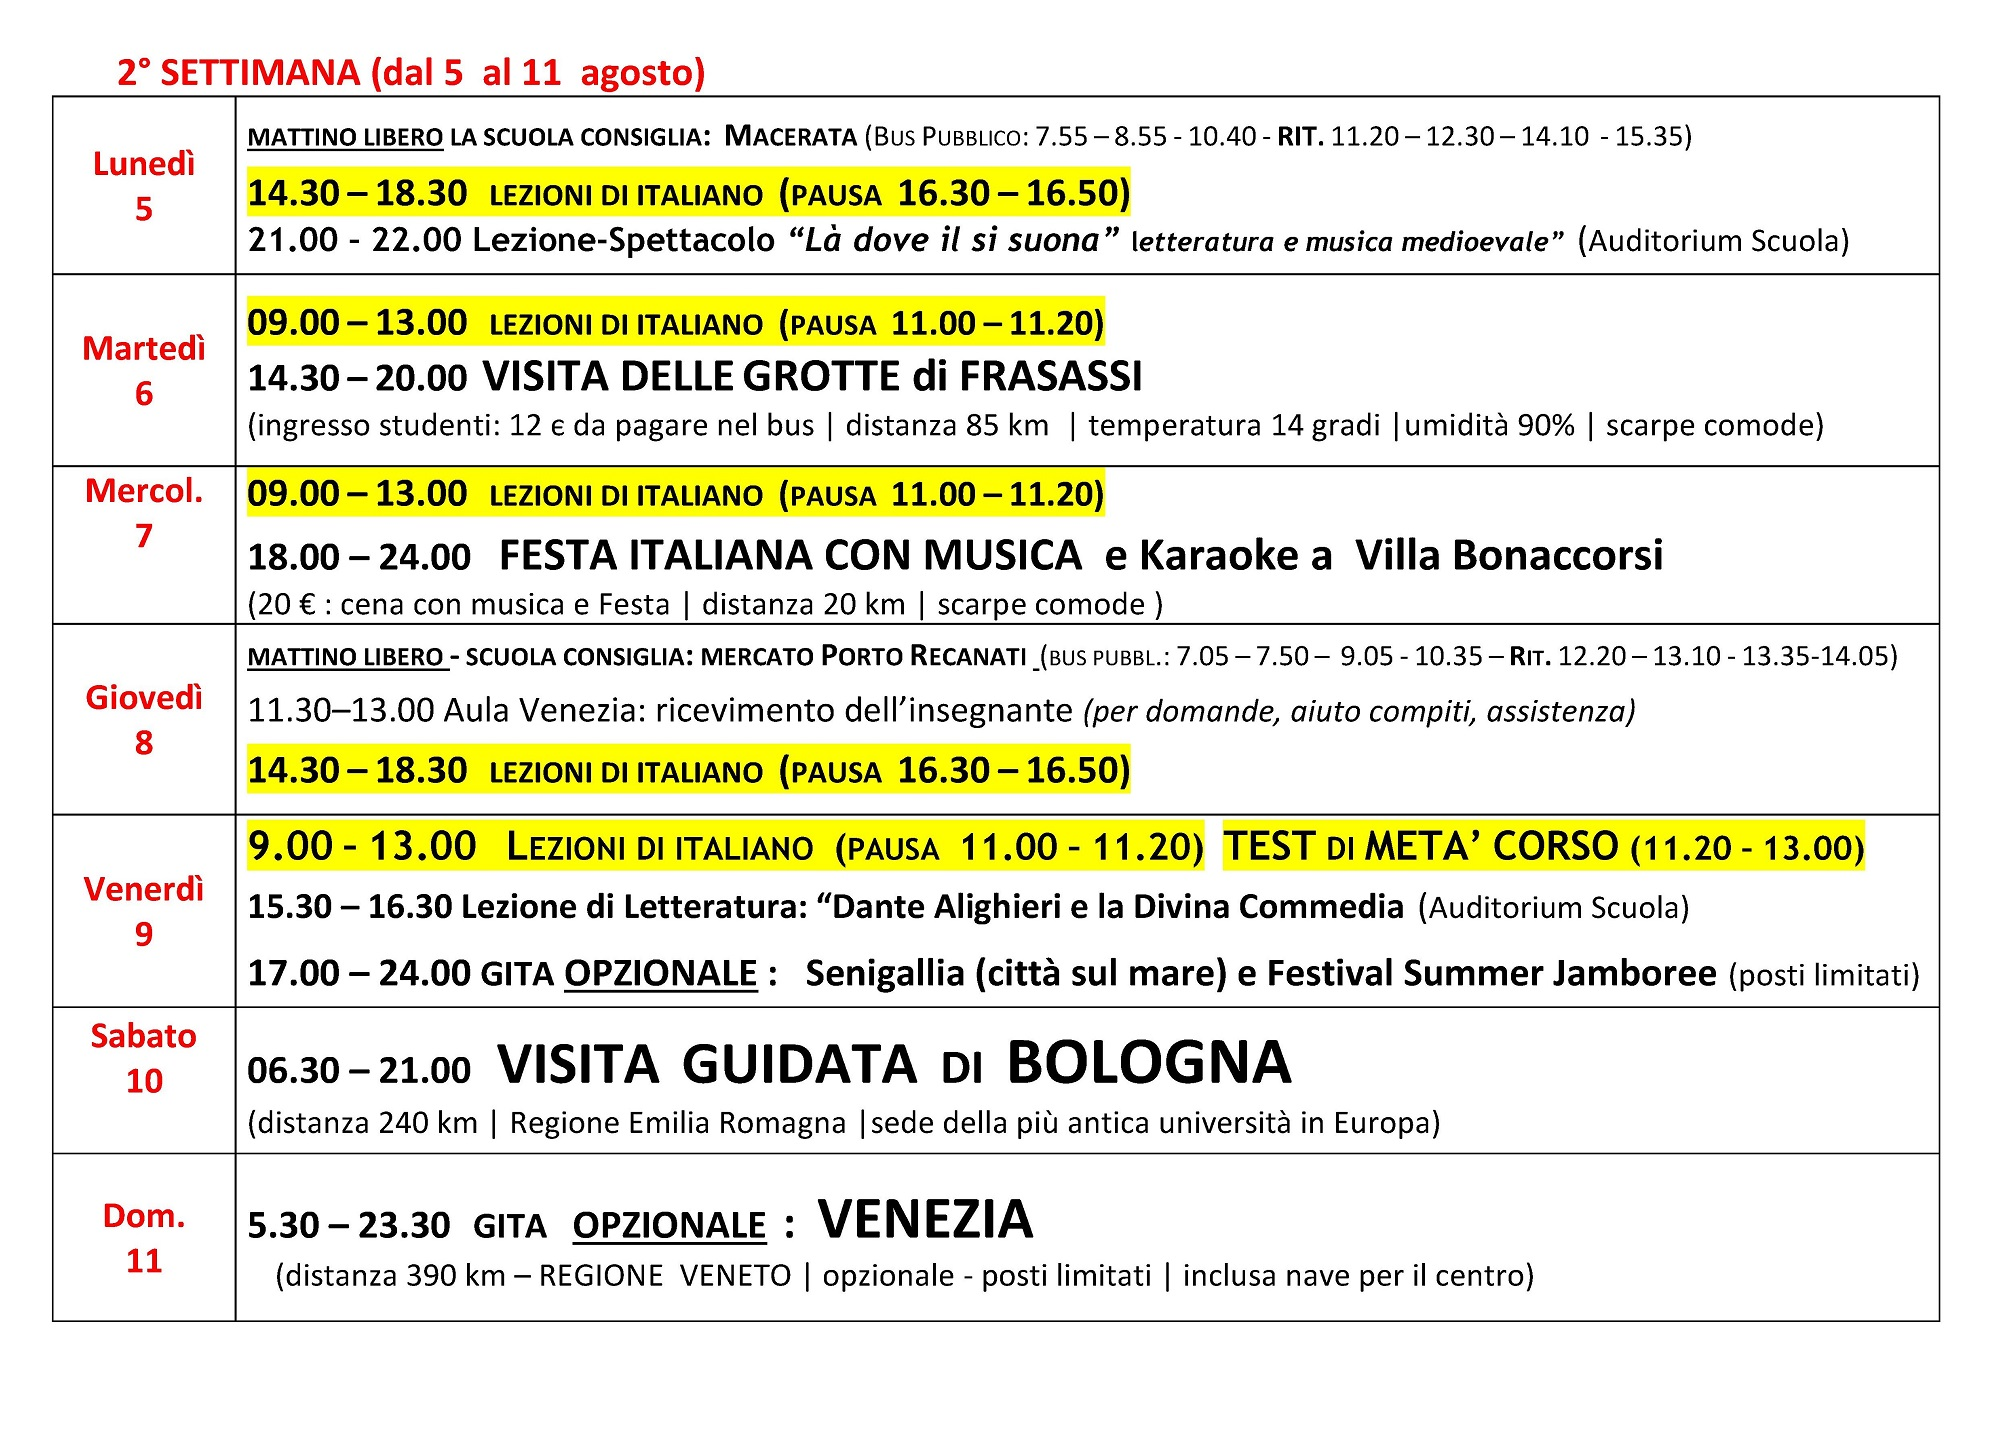 Программа мероприятий навторую неделю курса: желтым цветом выделено учебное время, белым — необязательное дляпосещения внеучебное